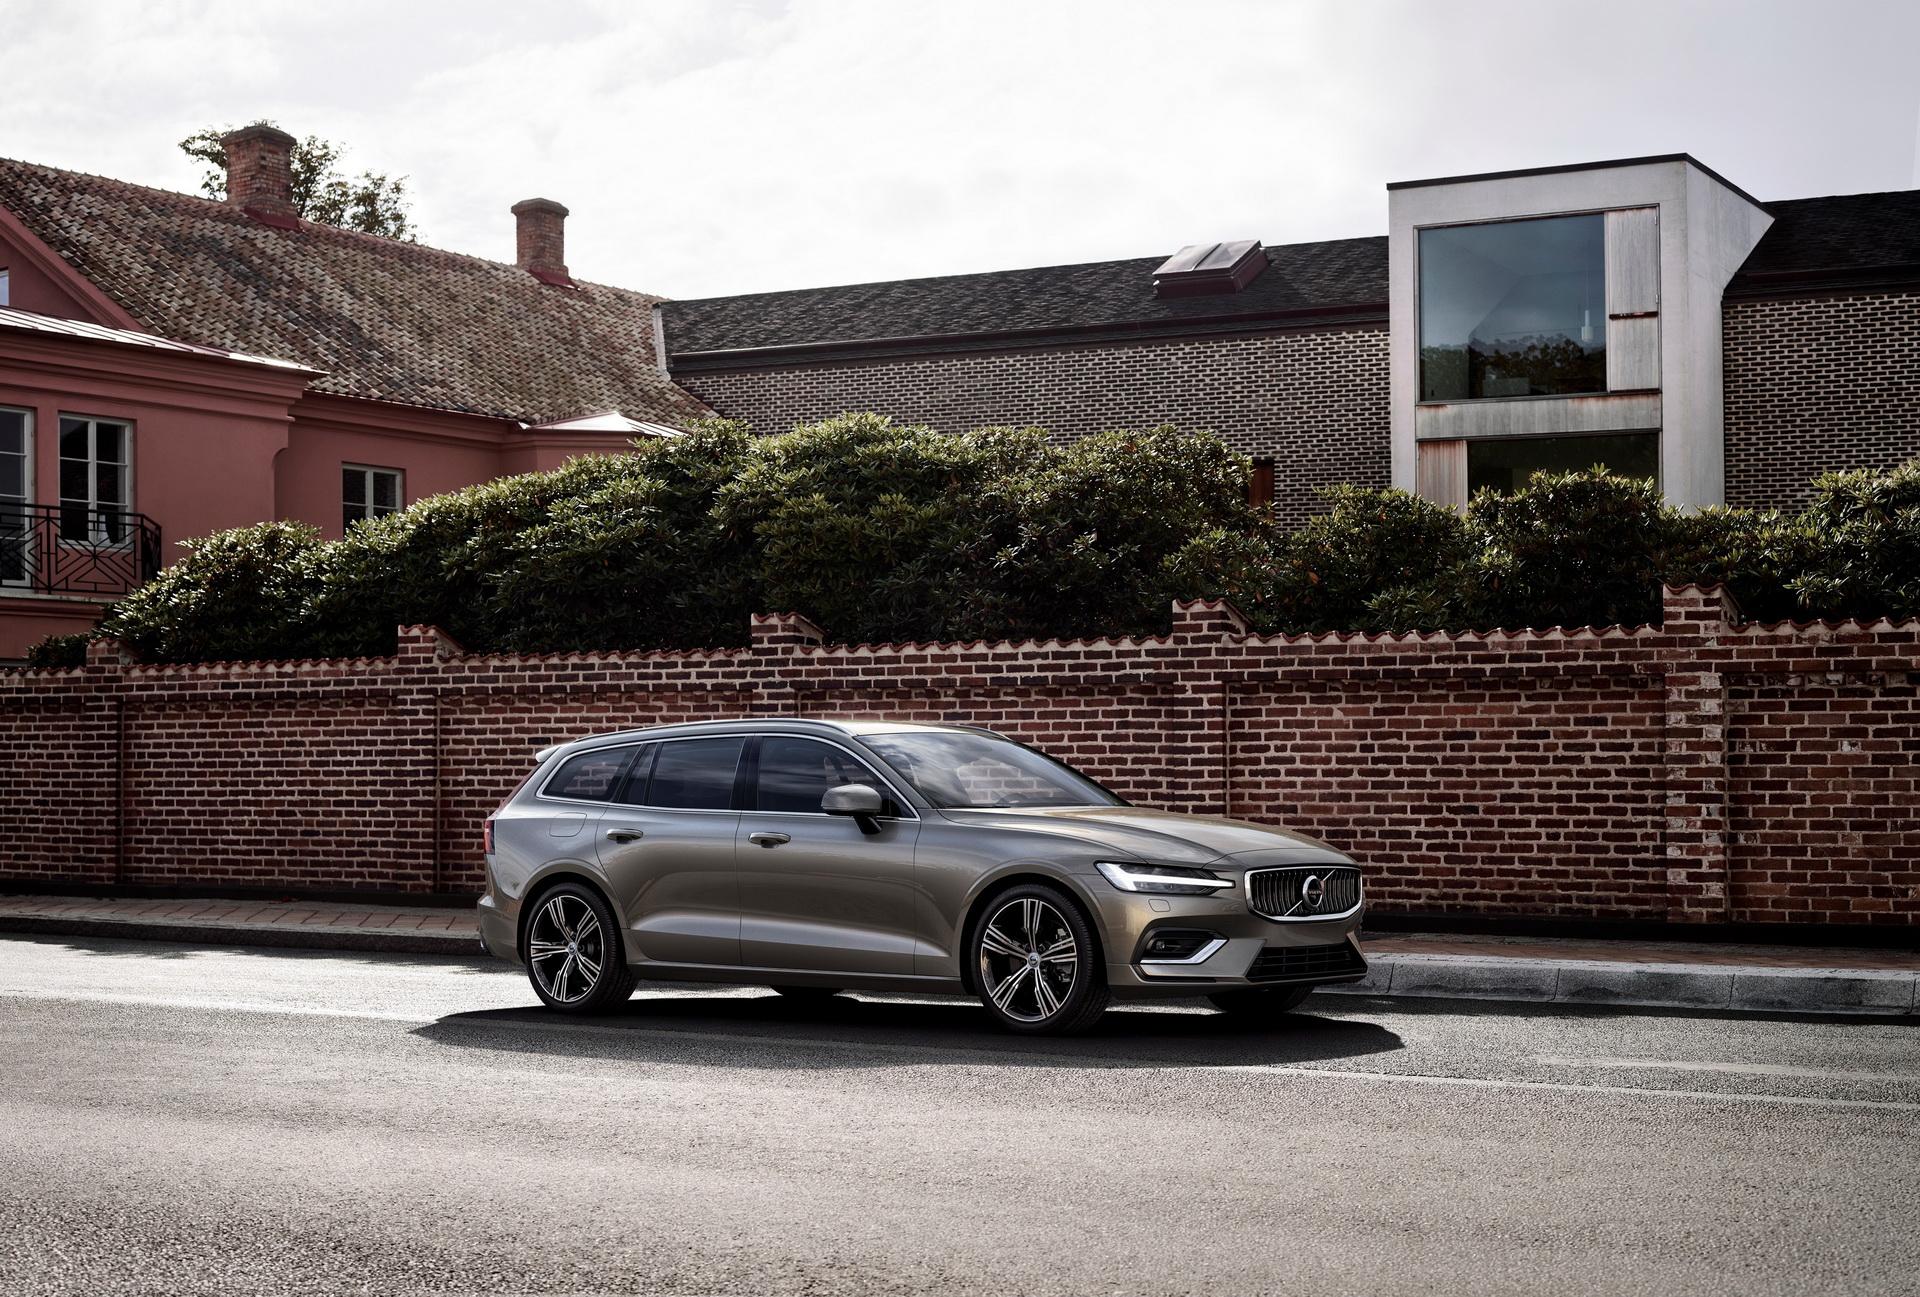 2018-VolvoV60-38.jpg